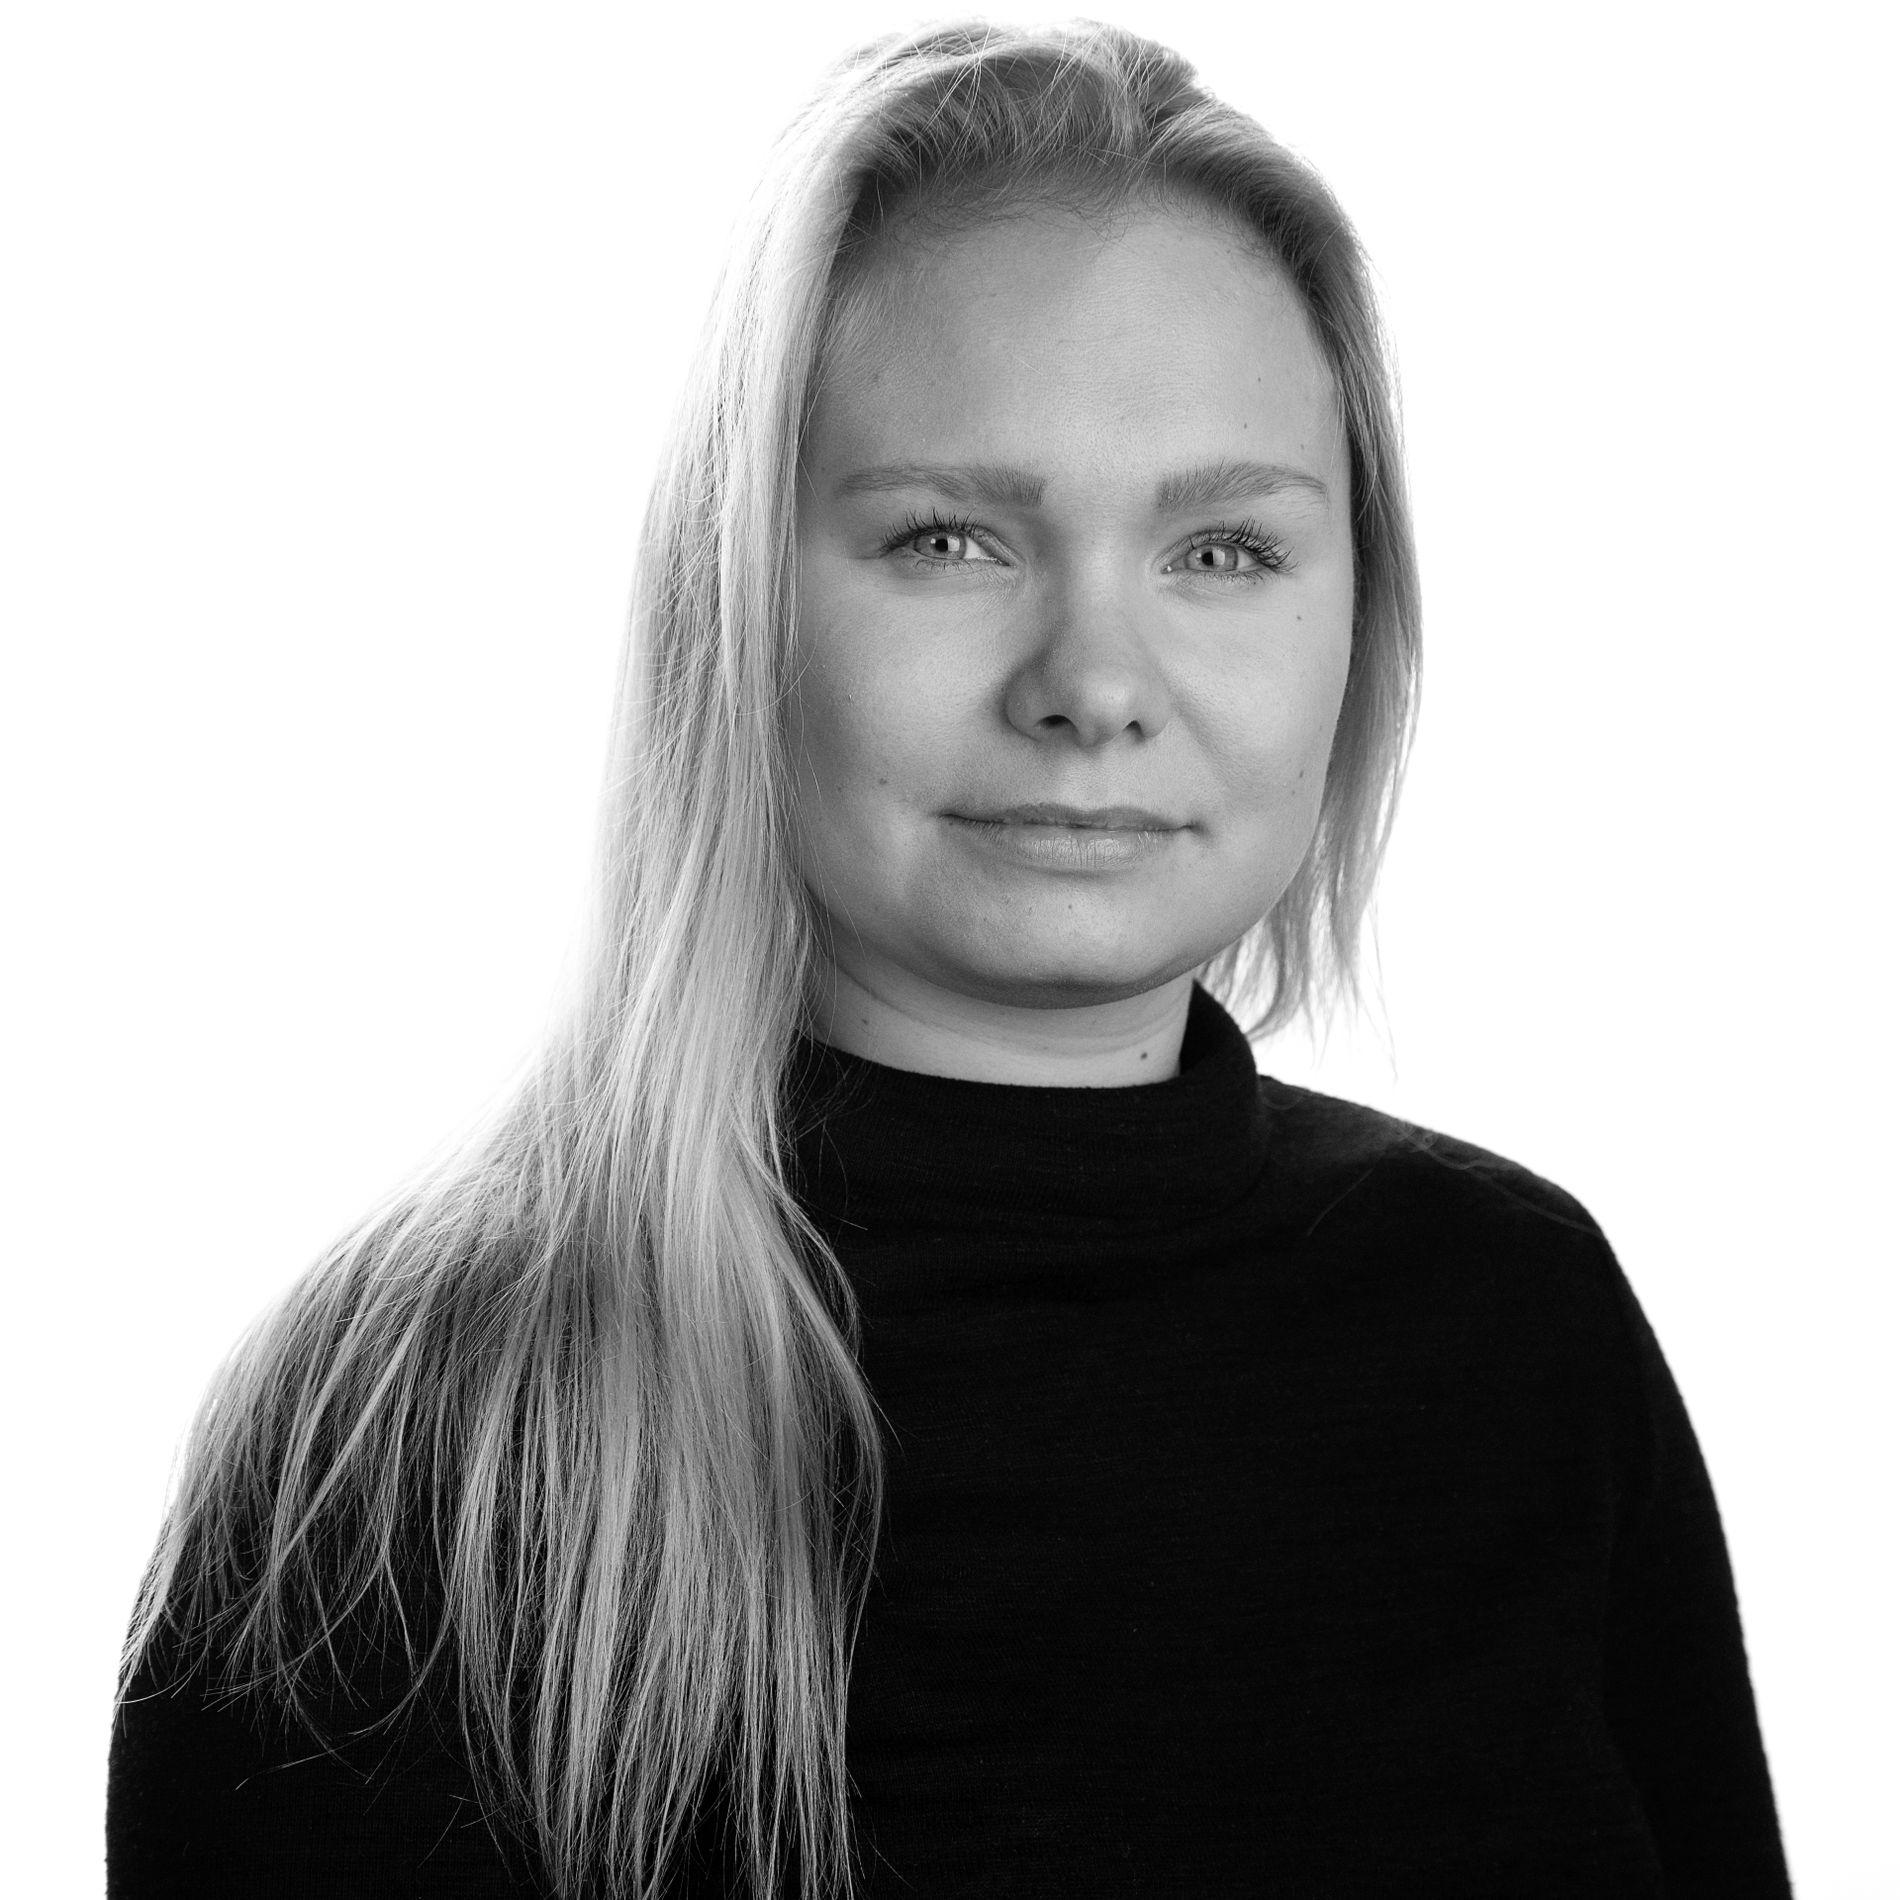 Ingrid Emilie Thoresen Bakker